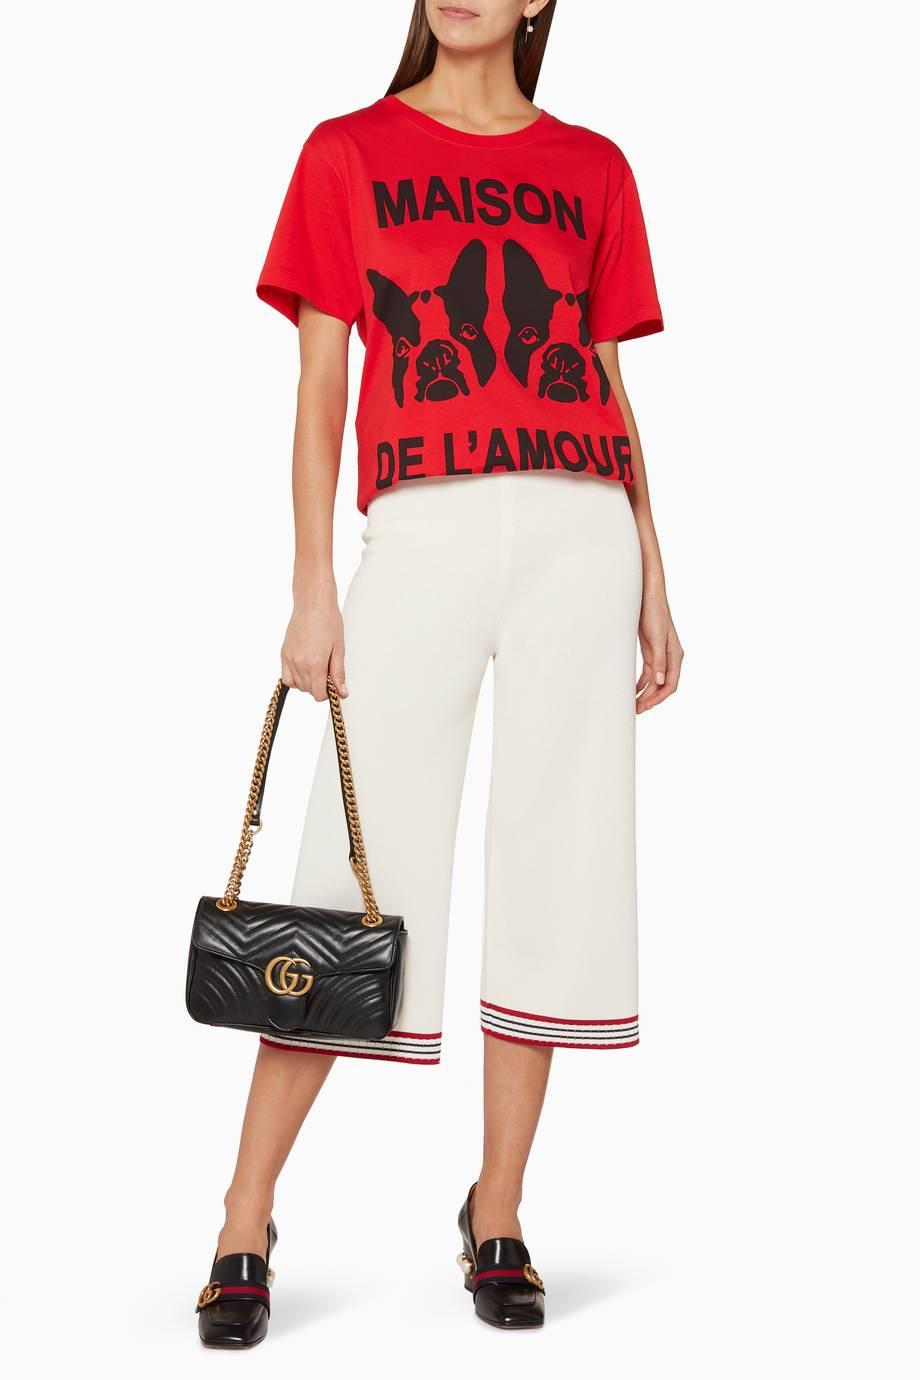 b8e2d572f61 Shop Luxury Gucci Red Maison de l Amour T-Shirt